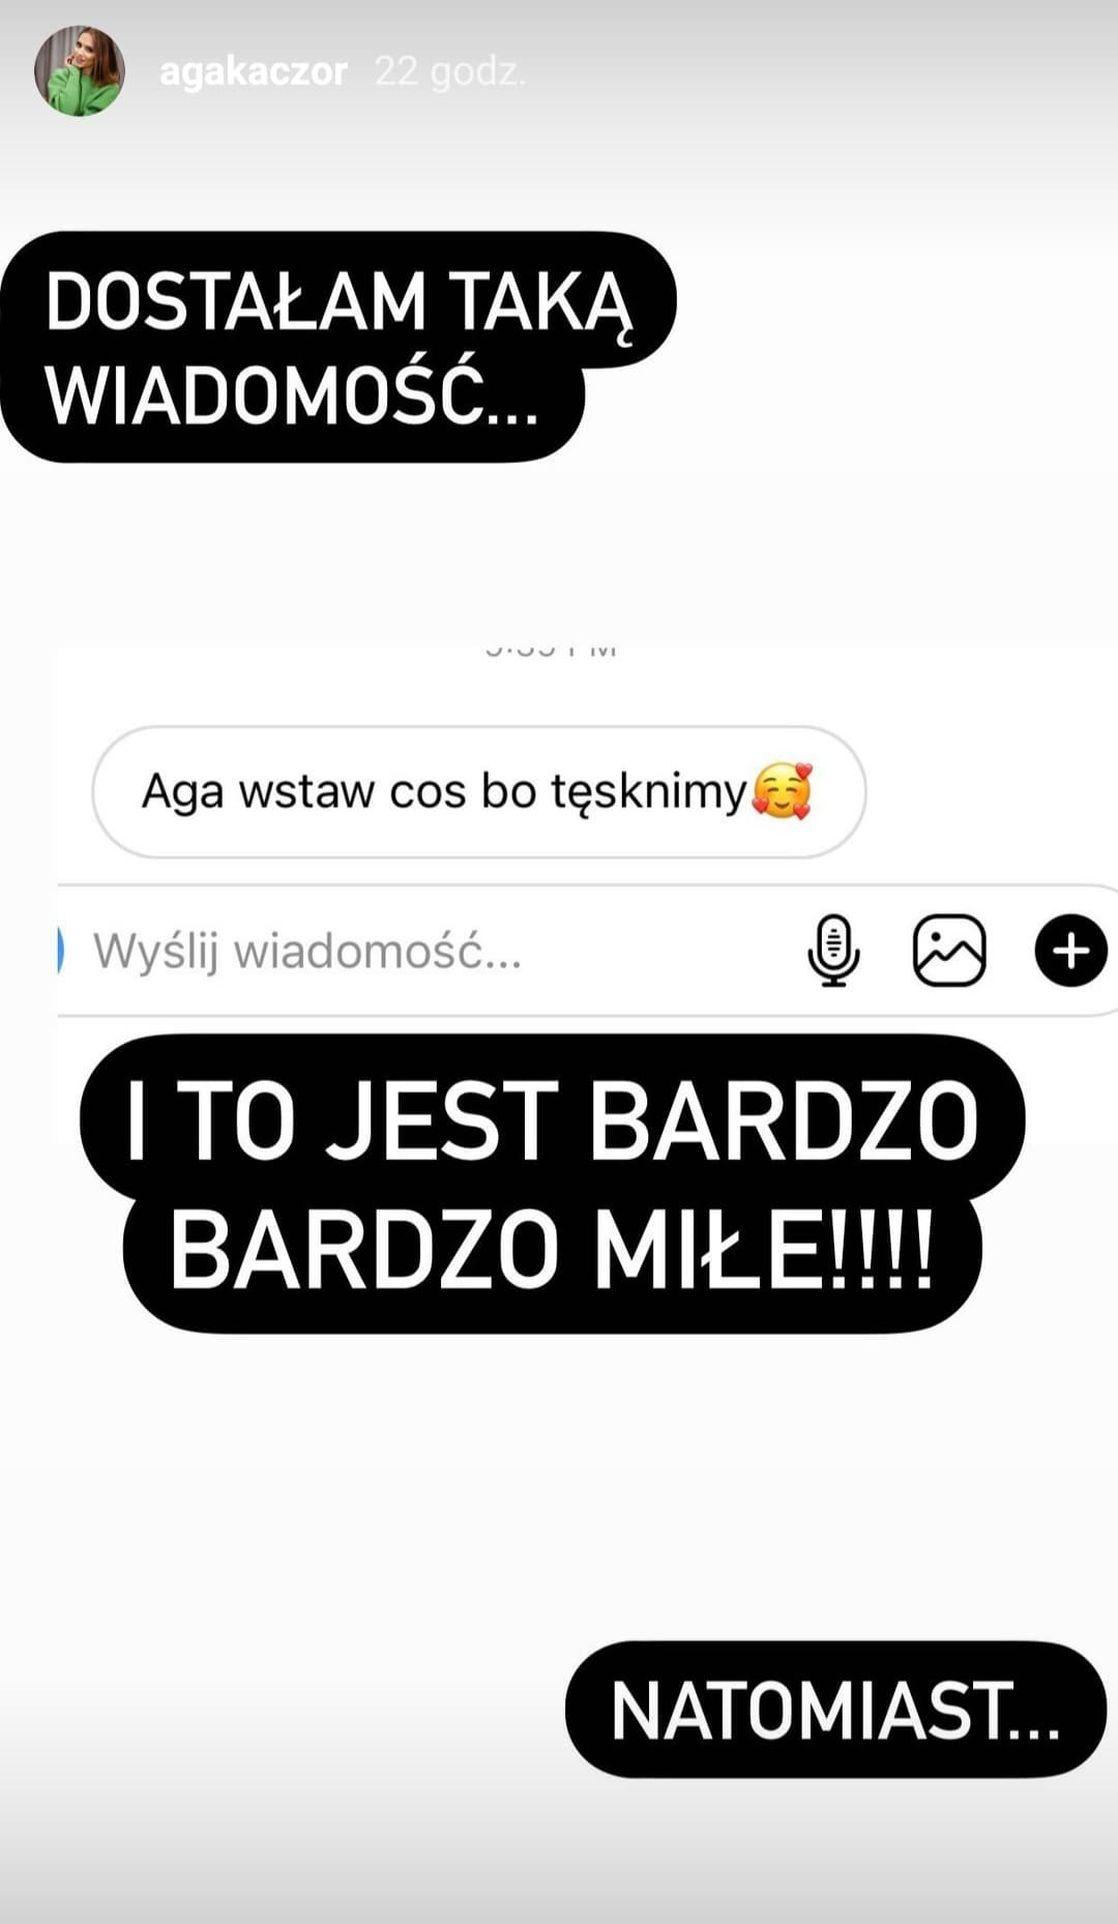 Wpis Agnieszki Kaczorowskiej